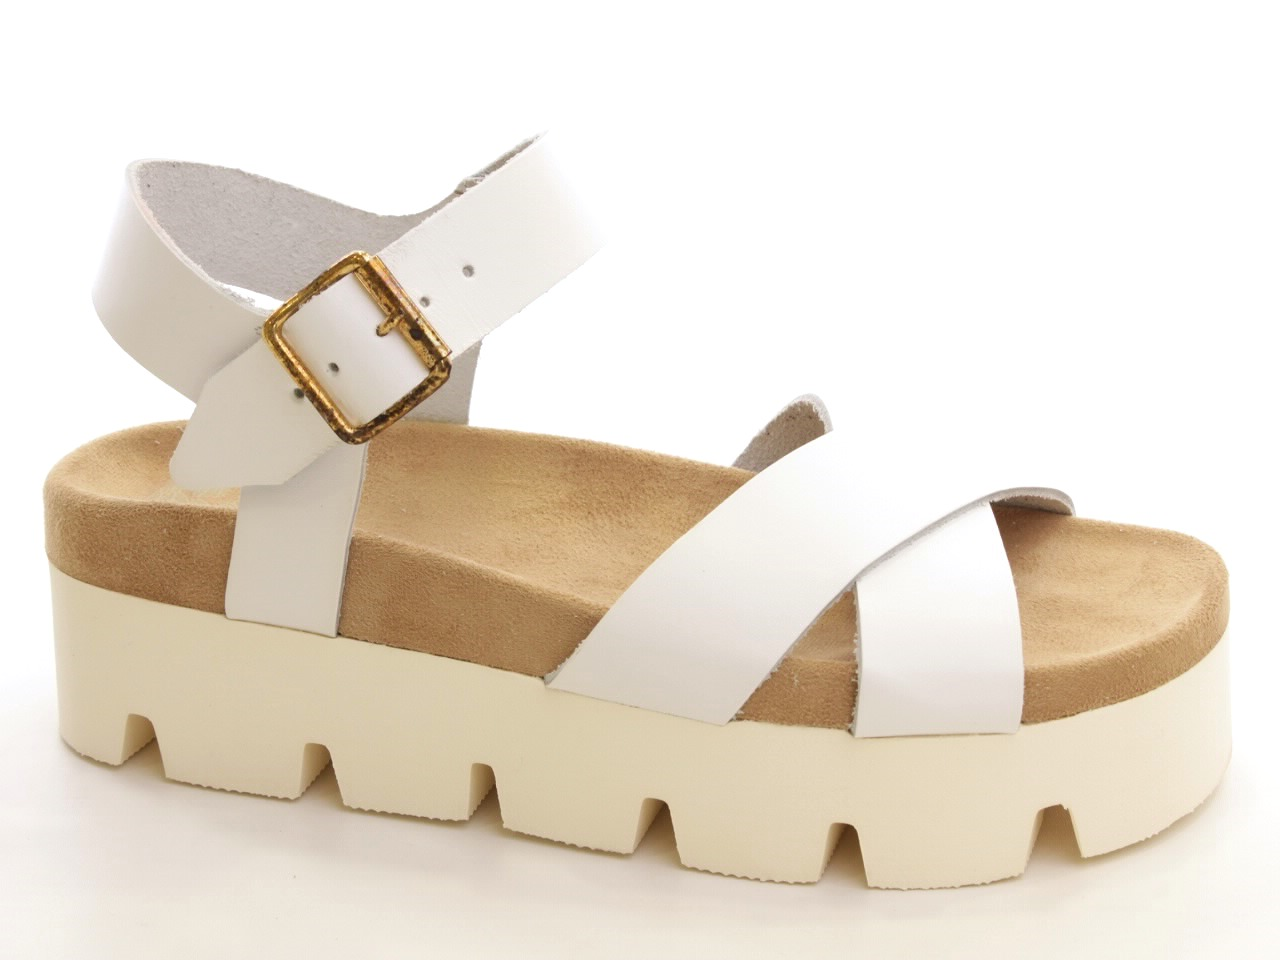 Sandales Plates Fornarina - 354 8939